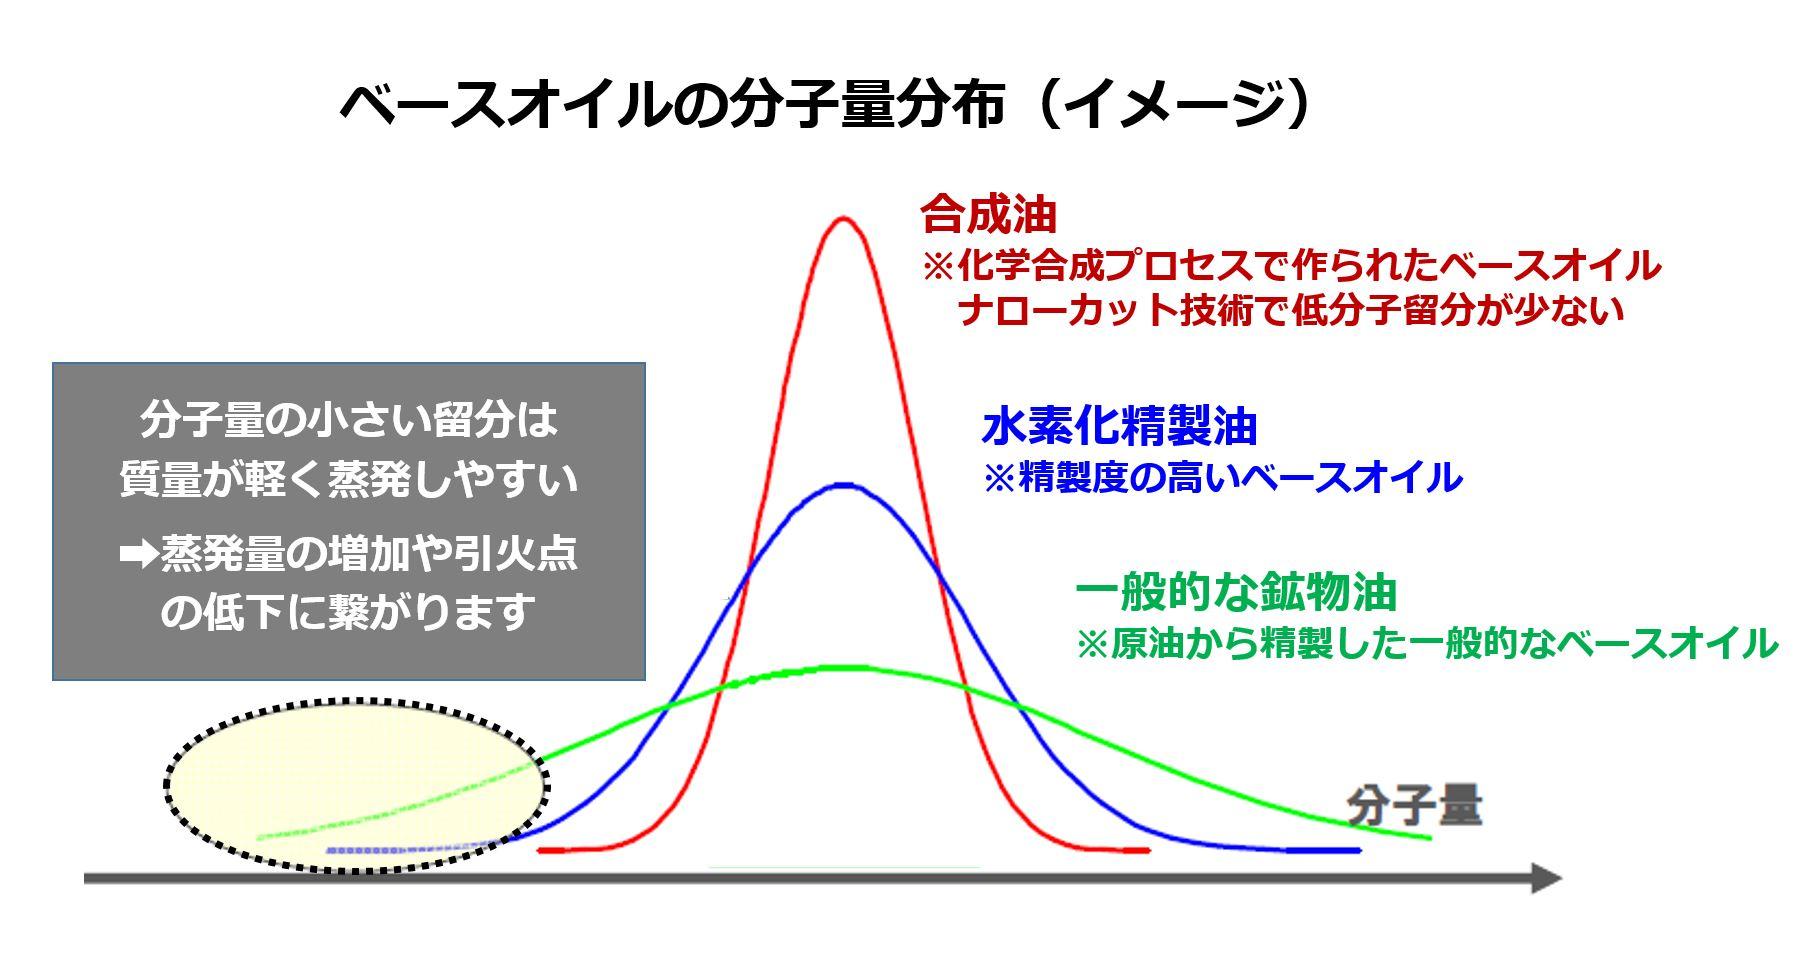 ベースオイルの分子量分布のイメージ図です。